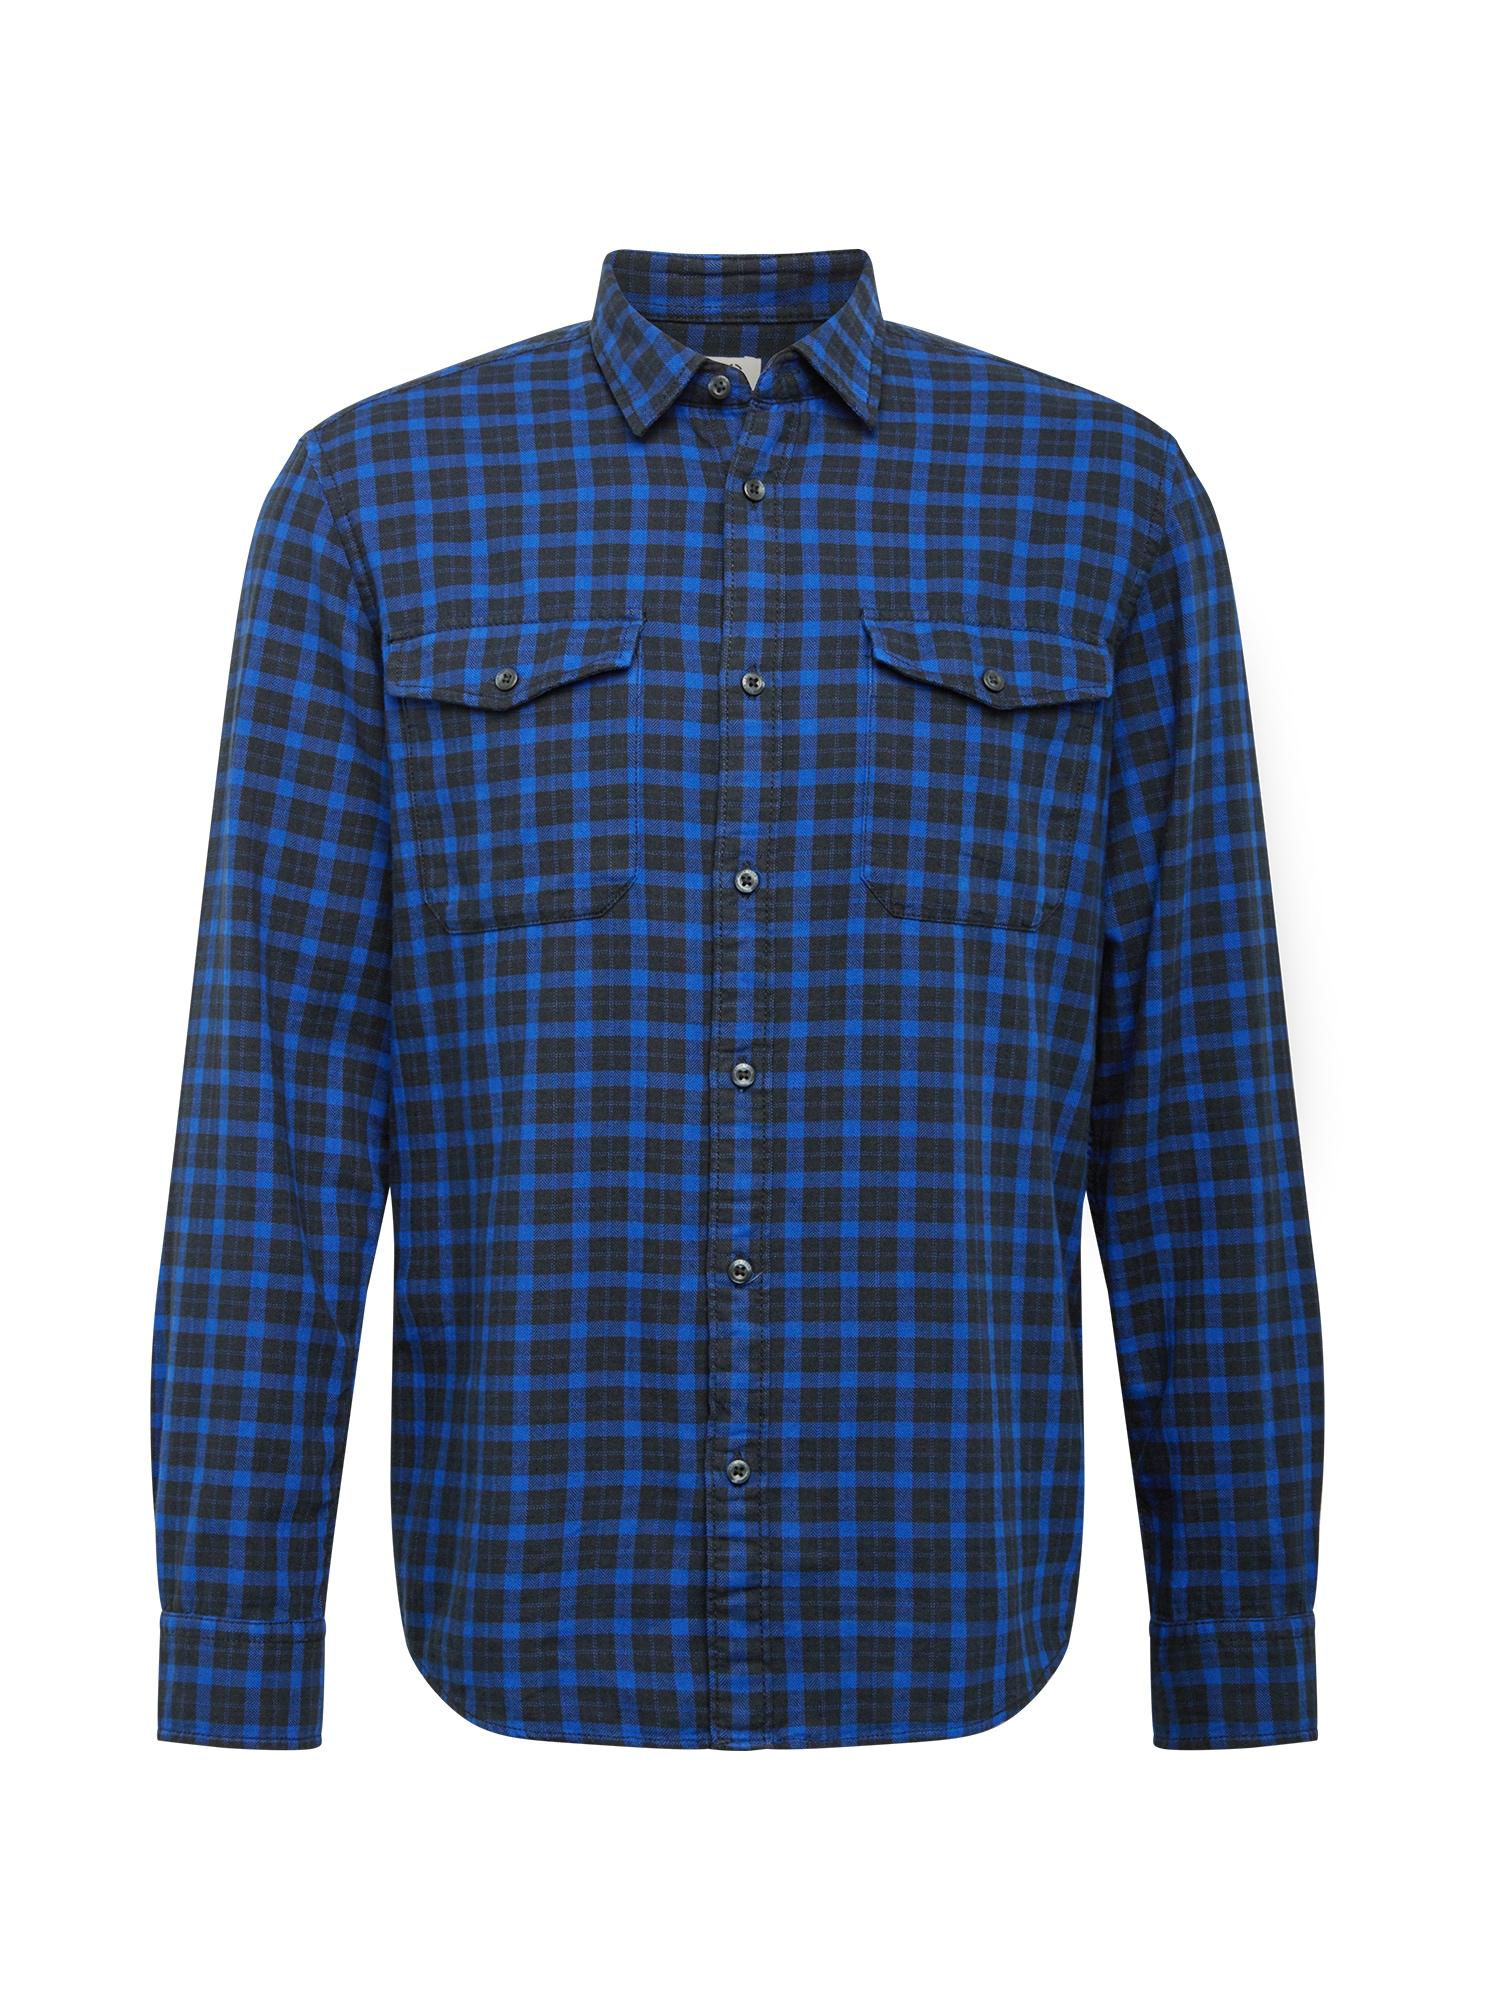 EDC BY ESPRIT Marškiniai mėlyna / juoda